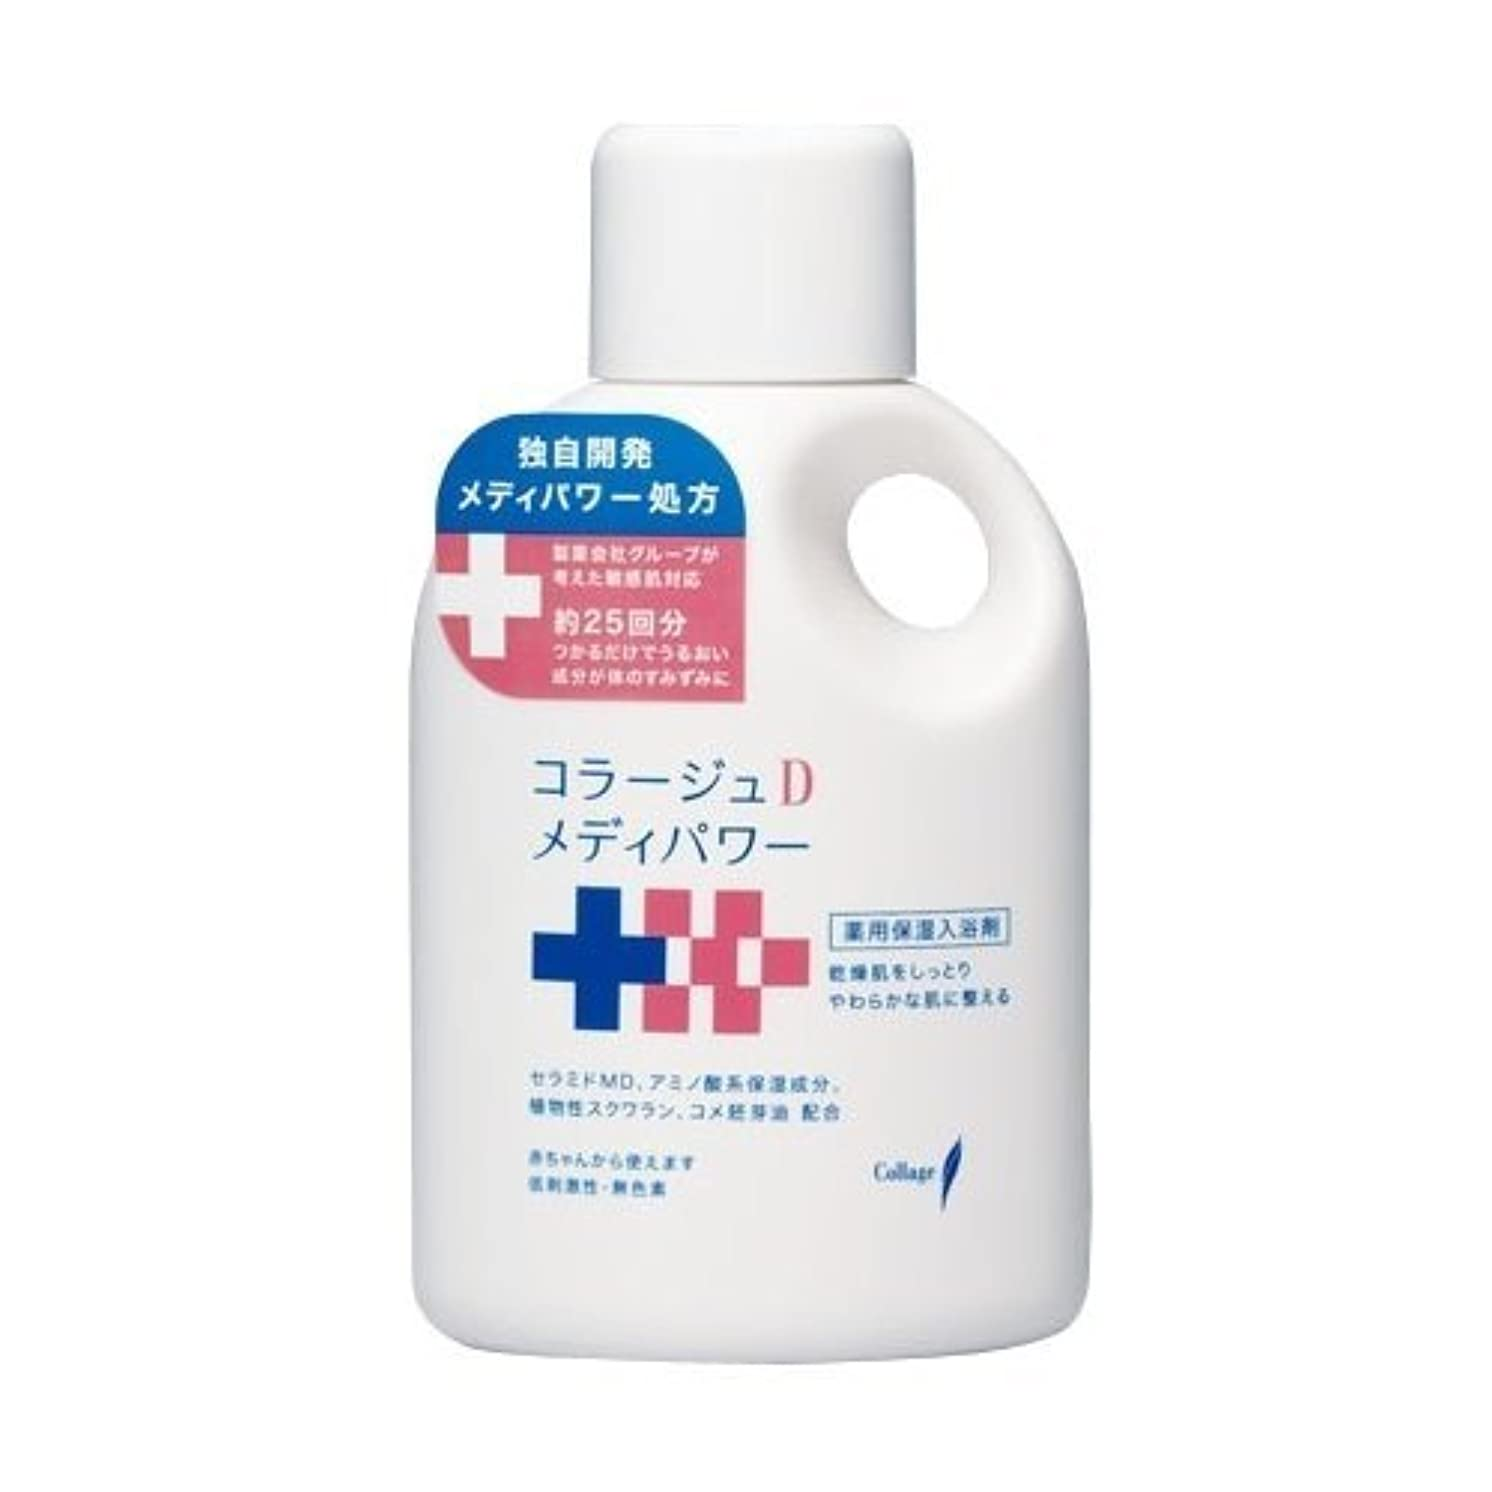 小包ヘロイン協力するコラージュ Dメディパワー 保湿入浴剤 500mL (医薬部外品)